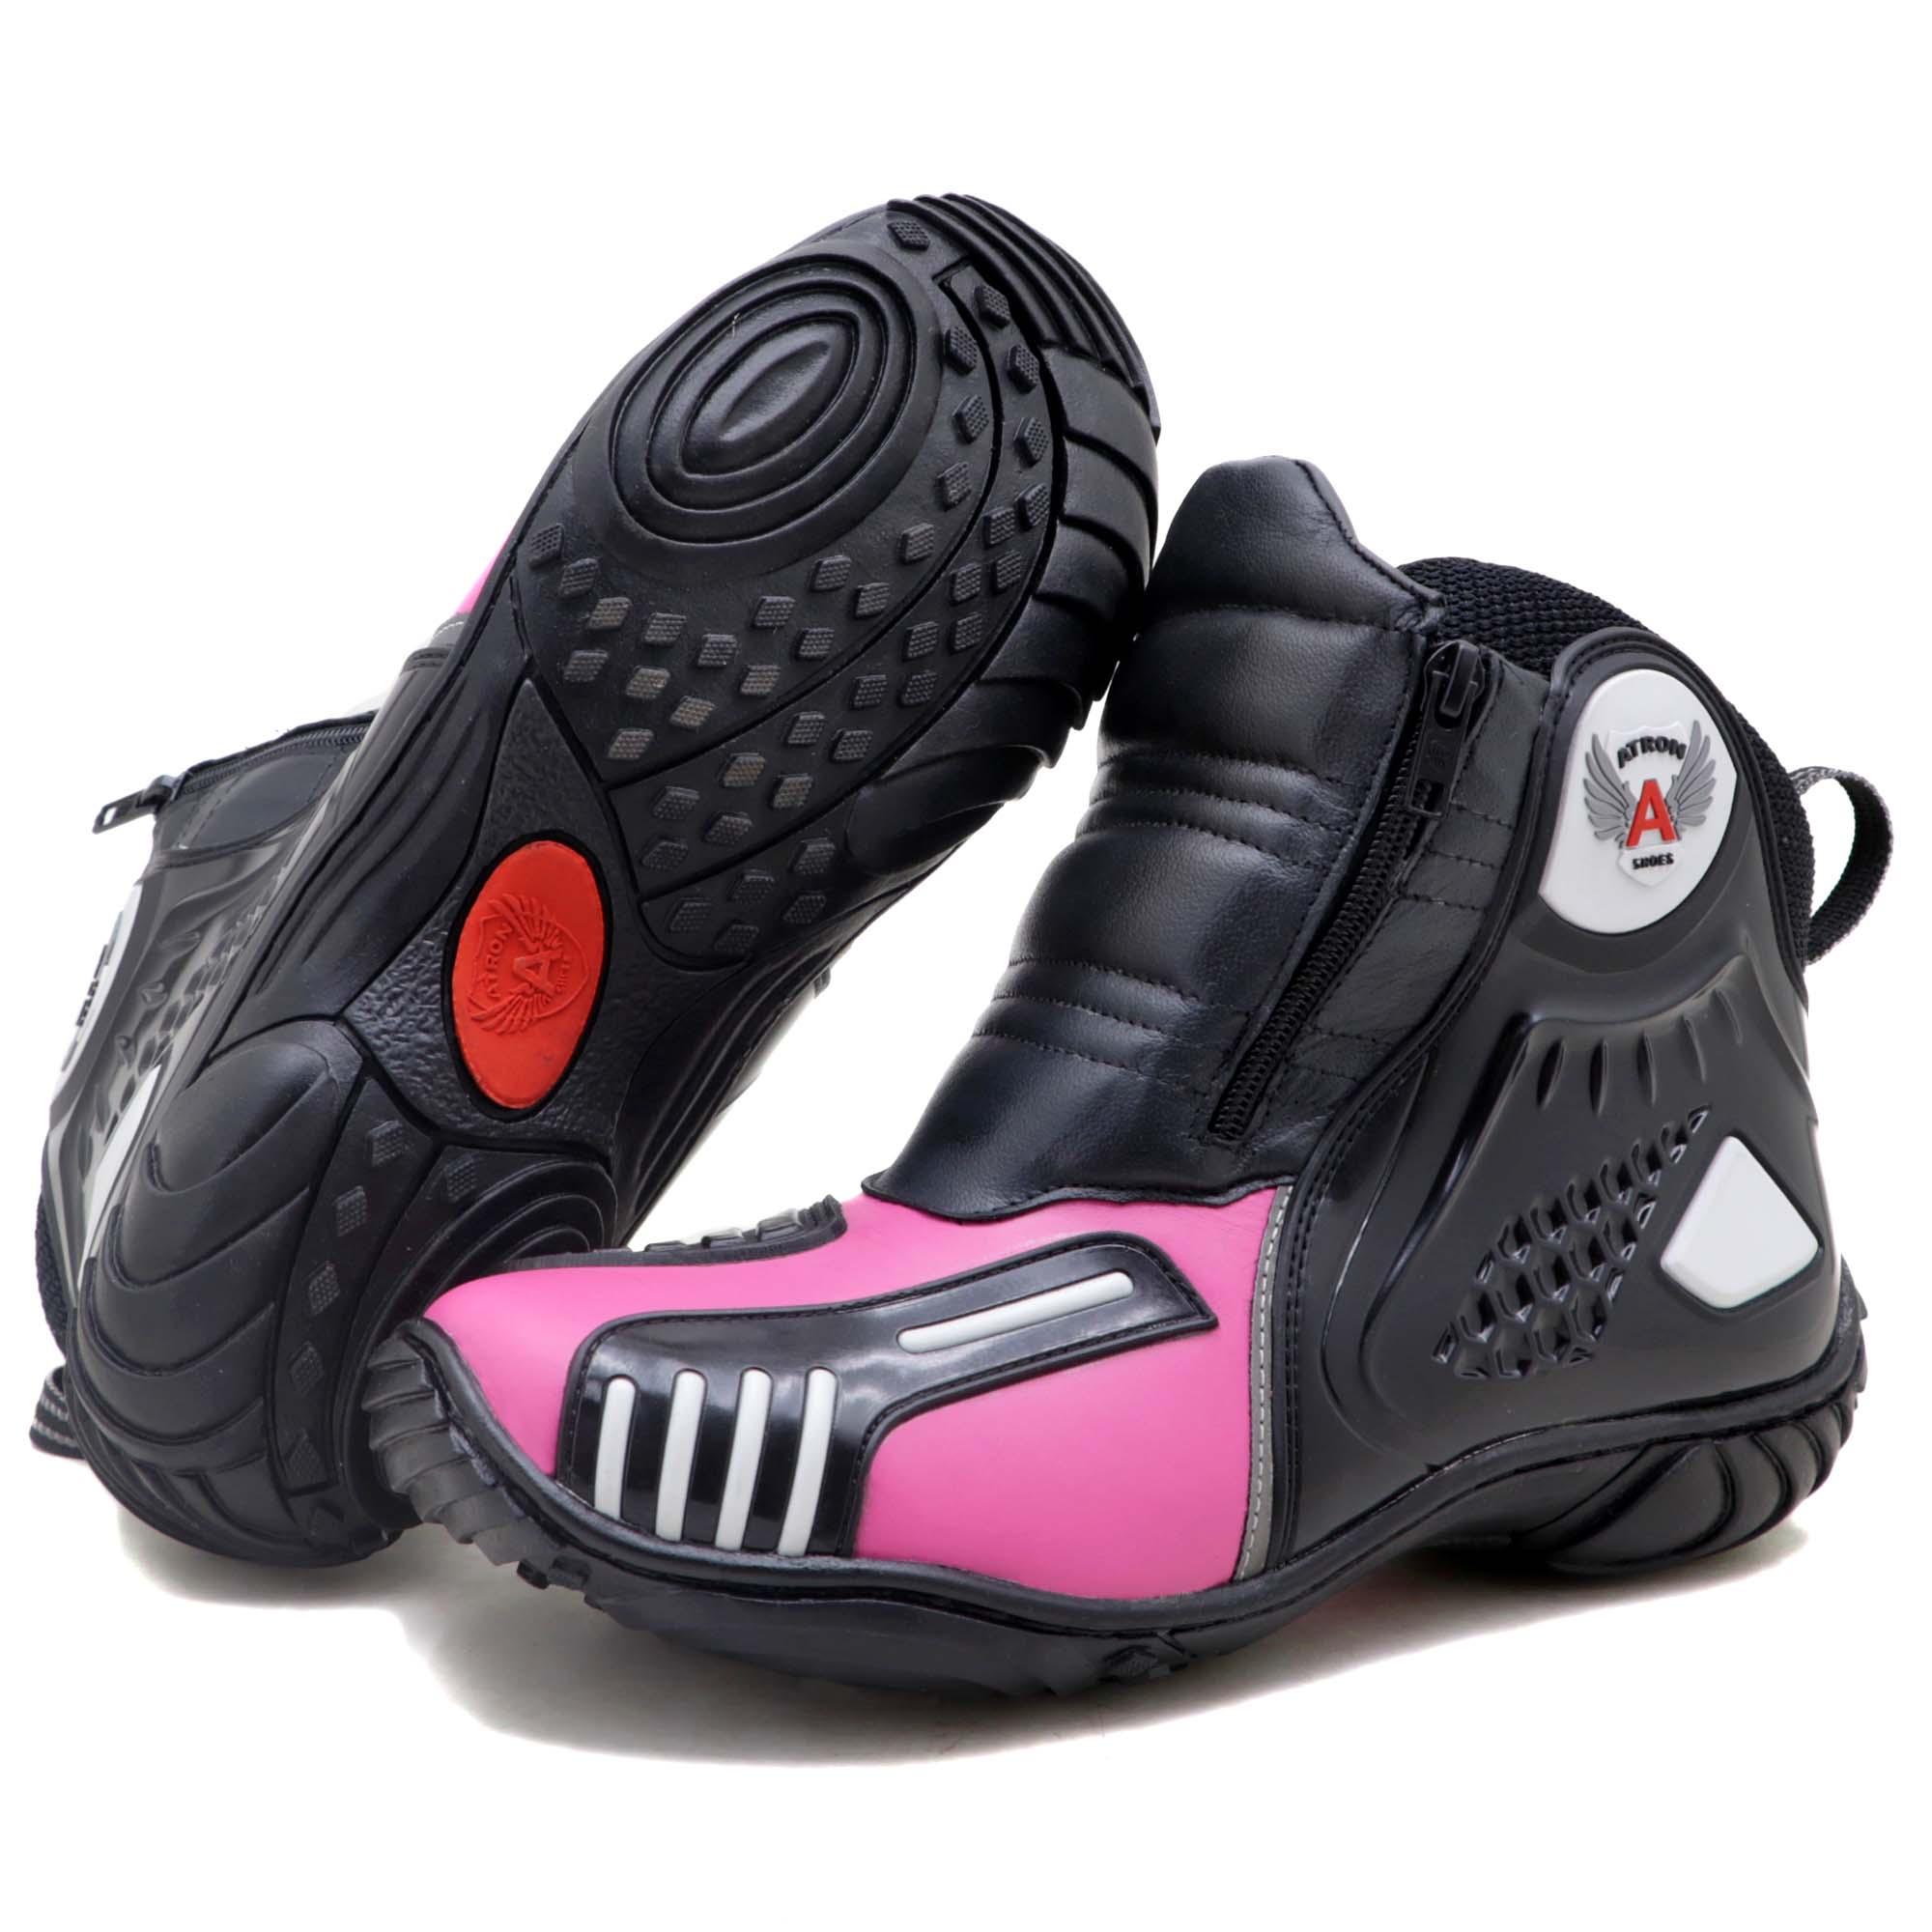 Bota motociclista Atron Shoes AS-HIGHWAY em couro legítimo semi-impermeável emborrachada na cor Pink 407